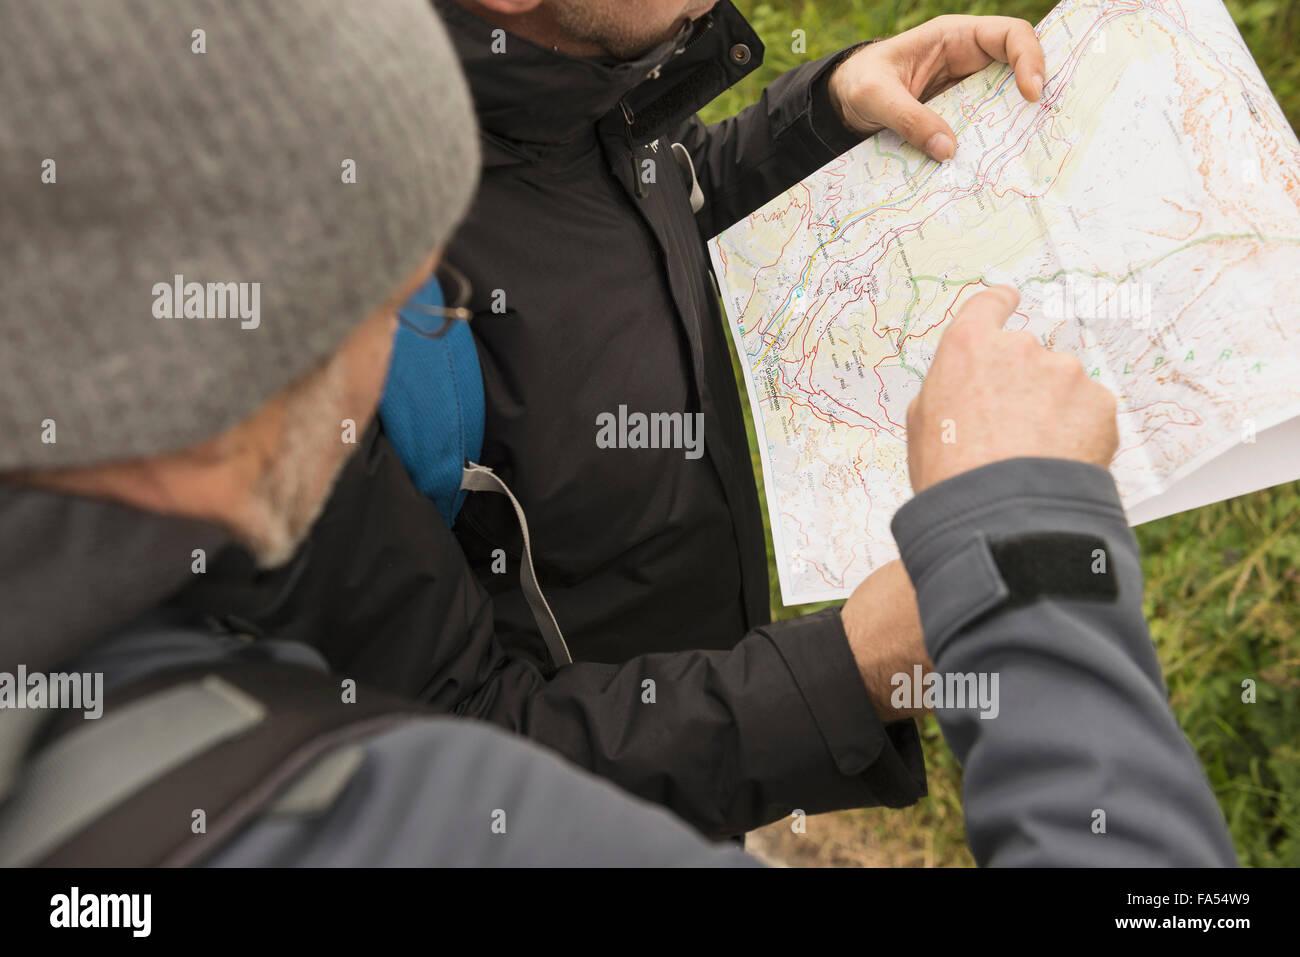 Dos excursionistas madura controlar el mapa de la manera correcta, Alpes Austríacos, Carintia, Austria Imagen De Stock